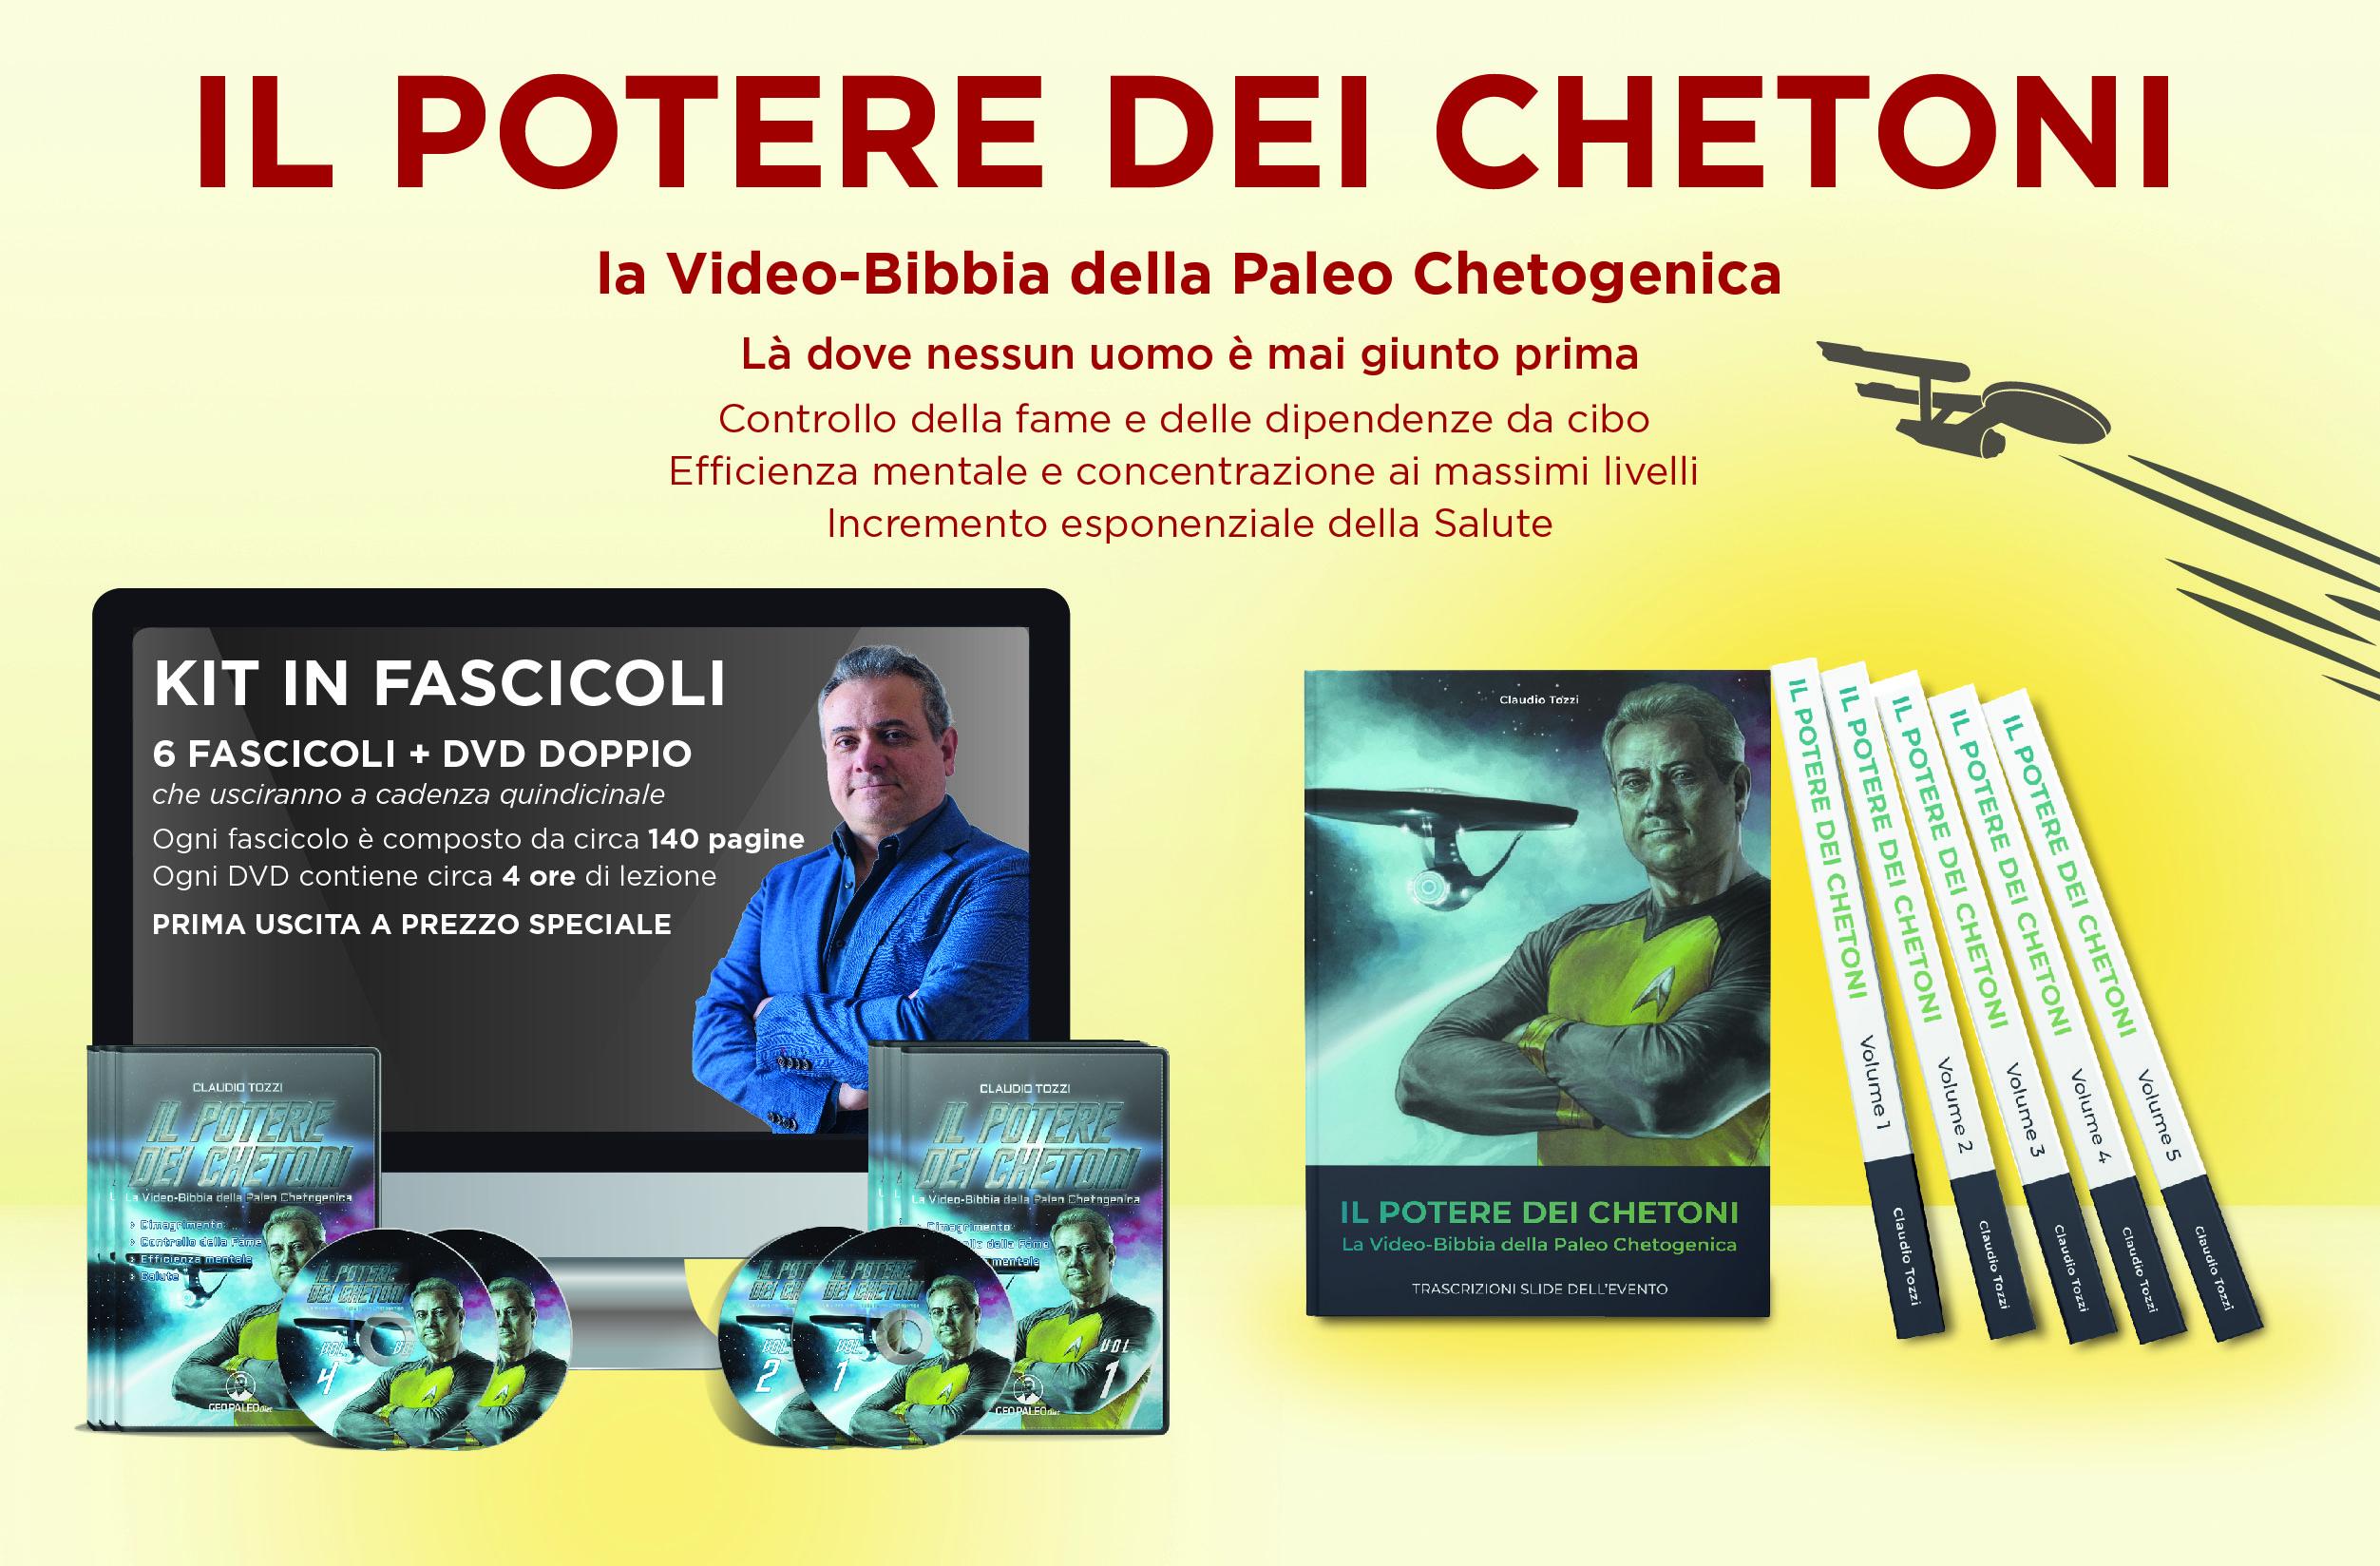 Il Potere dei Chetoni: là dove nessun uomo è mai giunto prima. 12 DVD + Libro - C. Tozzi -